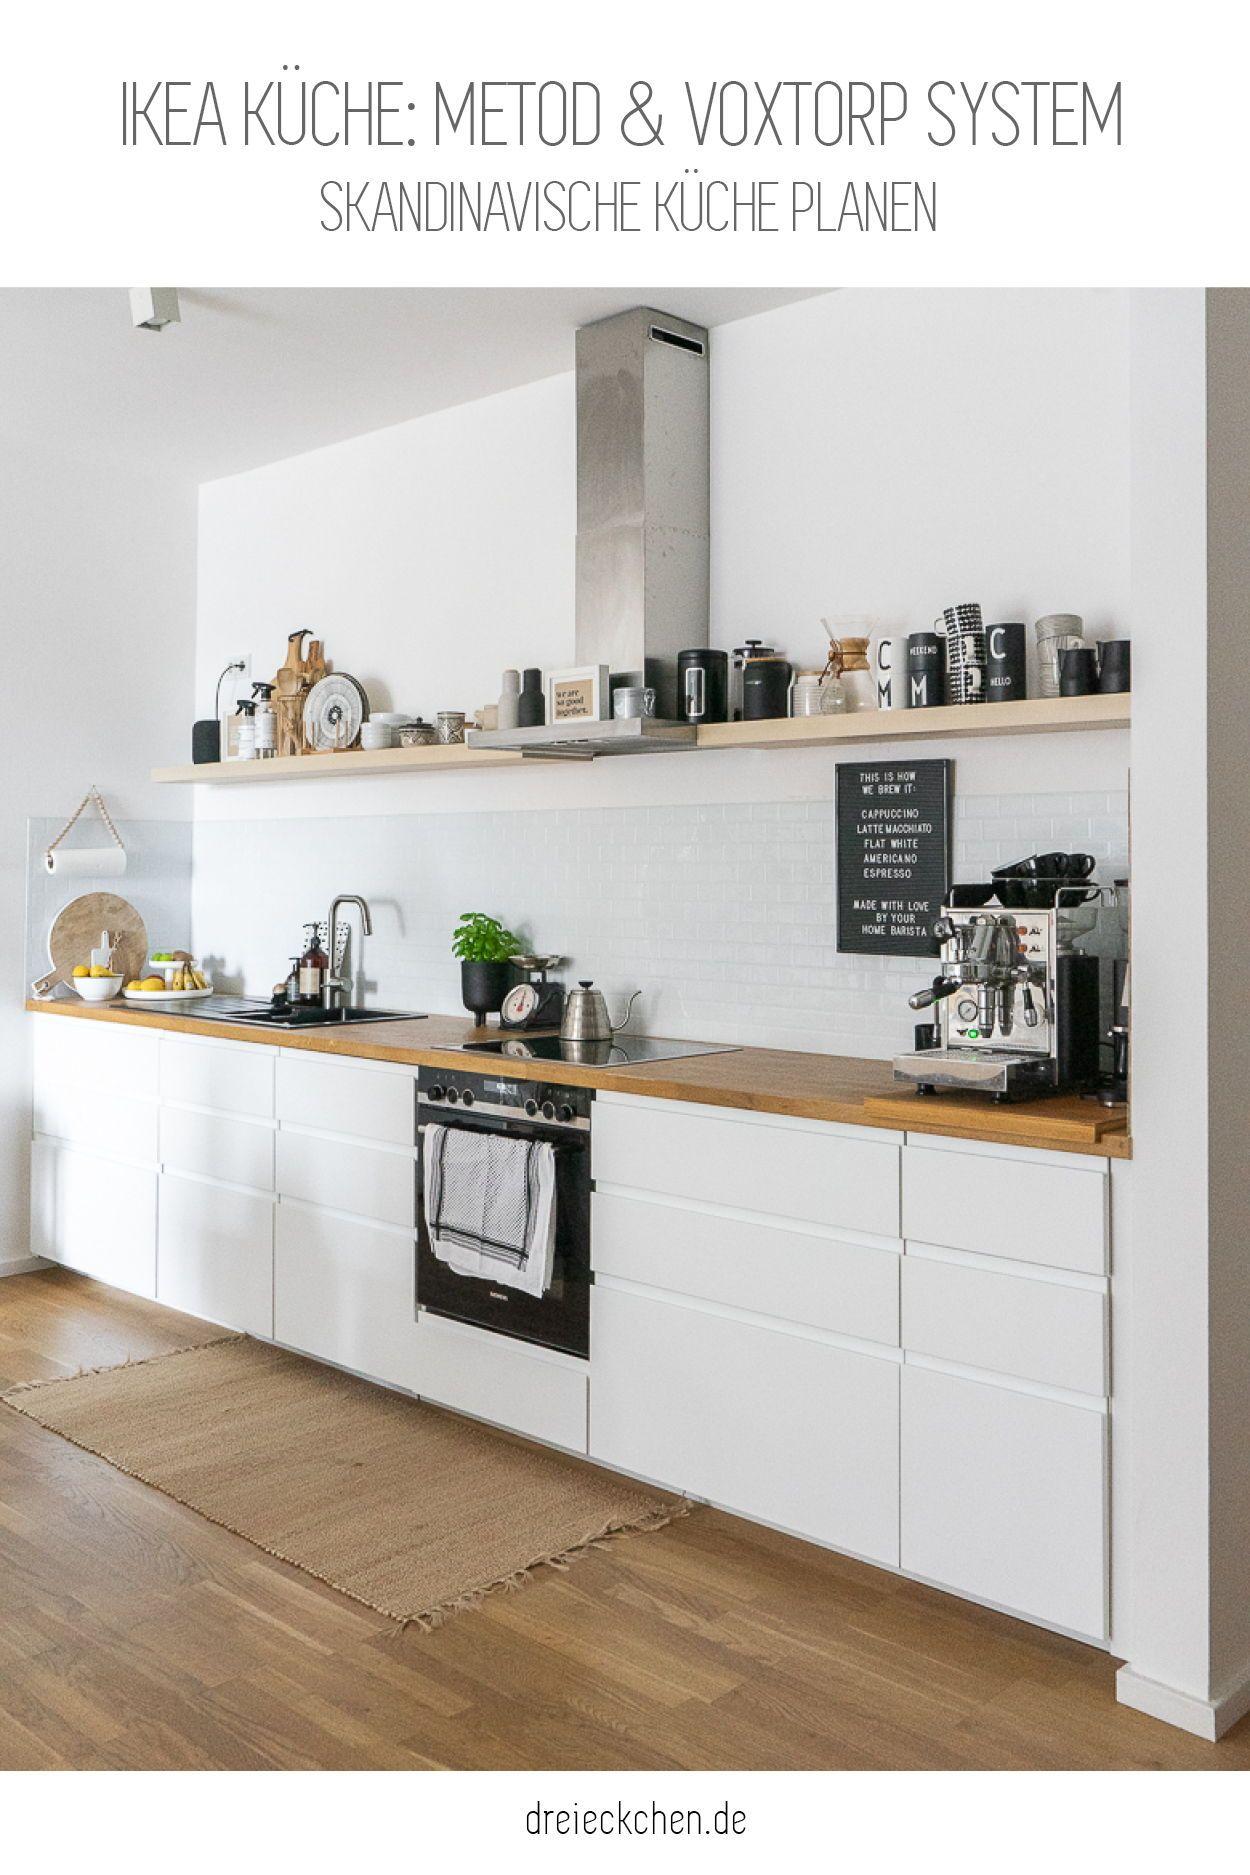 IKEA Küche planen und aufbauen: Metod und Voxtorp System | Ikea küche,  Innenarchitektur küche, Haus küchen